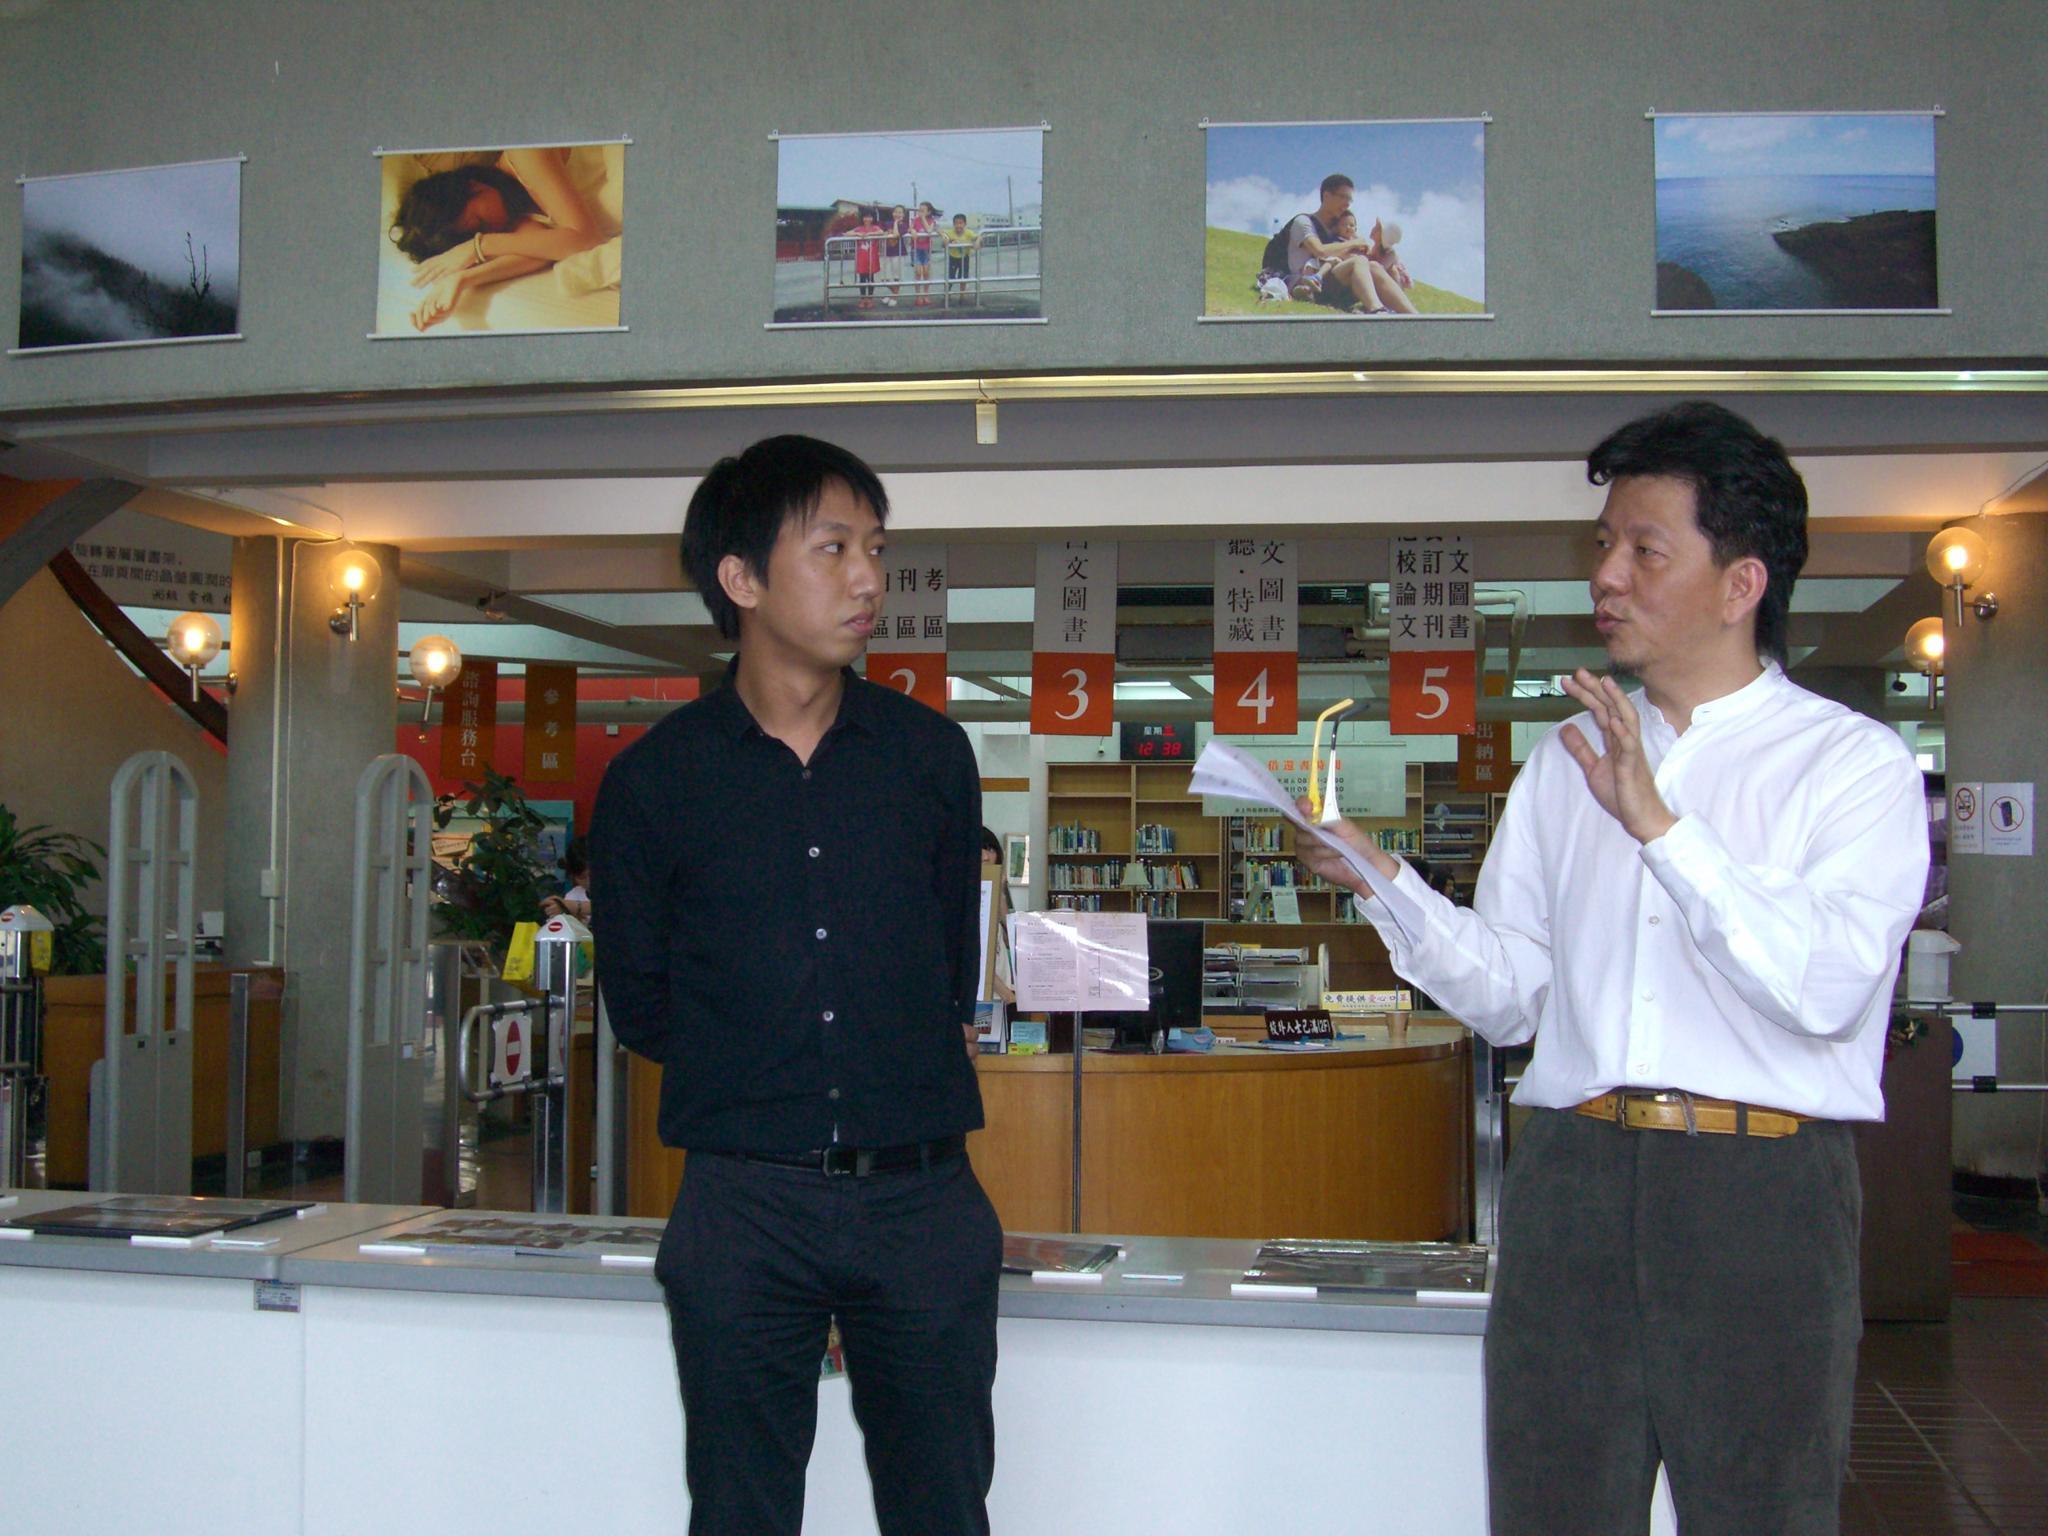 藝術生活化 非專業「攝影工作坊成果展」於圖書館展出